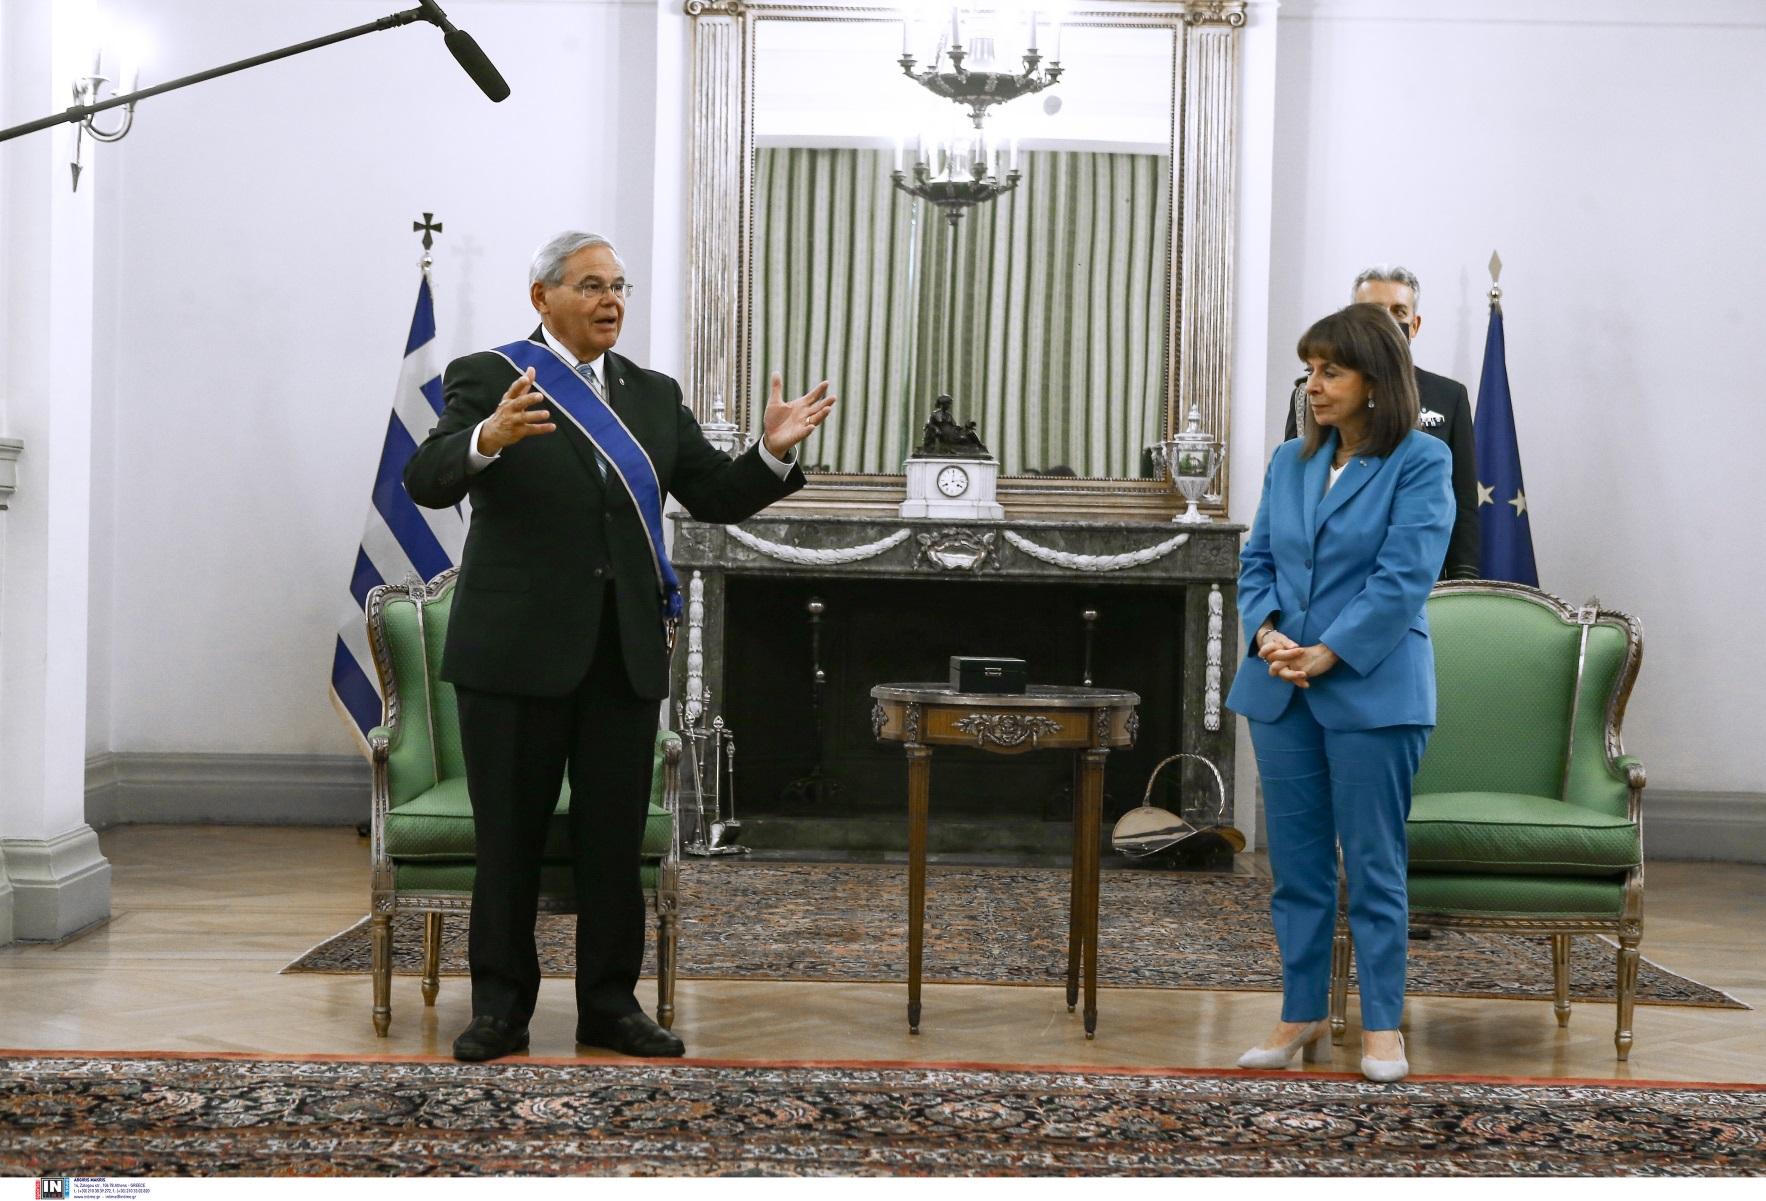 Κατερίνα Σακελλαροπούλου – Μπομπ Μενέντεζ: Φωτογραφίες από την παρασημοφόρηση του φιλέλληνα γερουσιαστή των ΗΠΑ